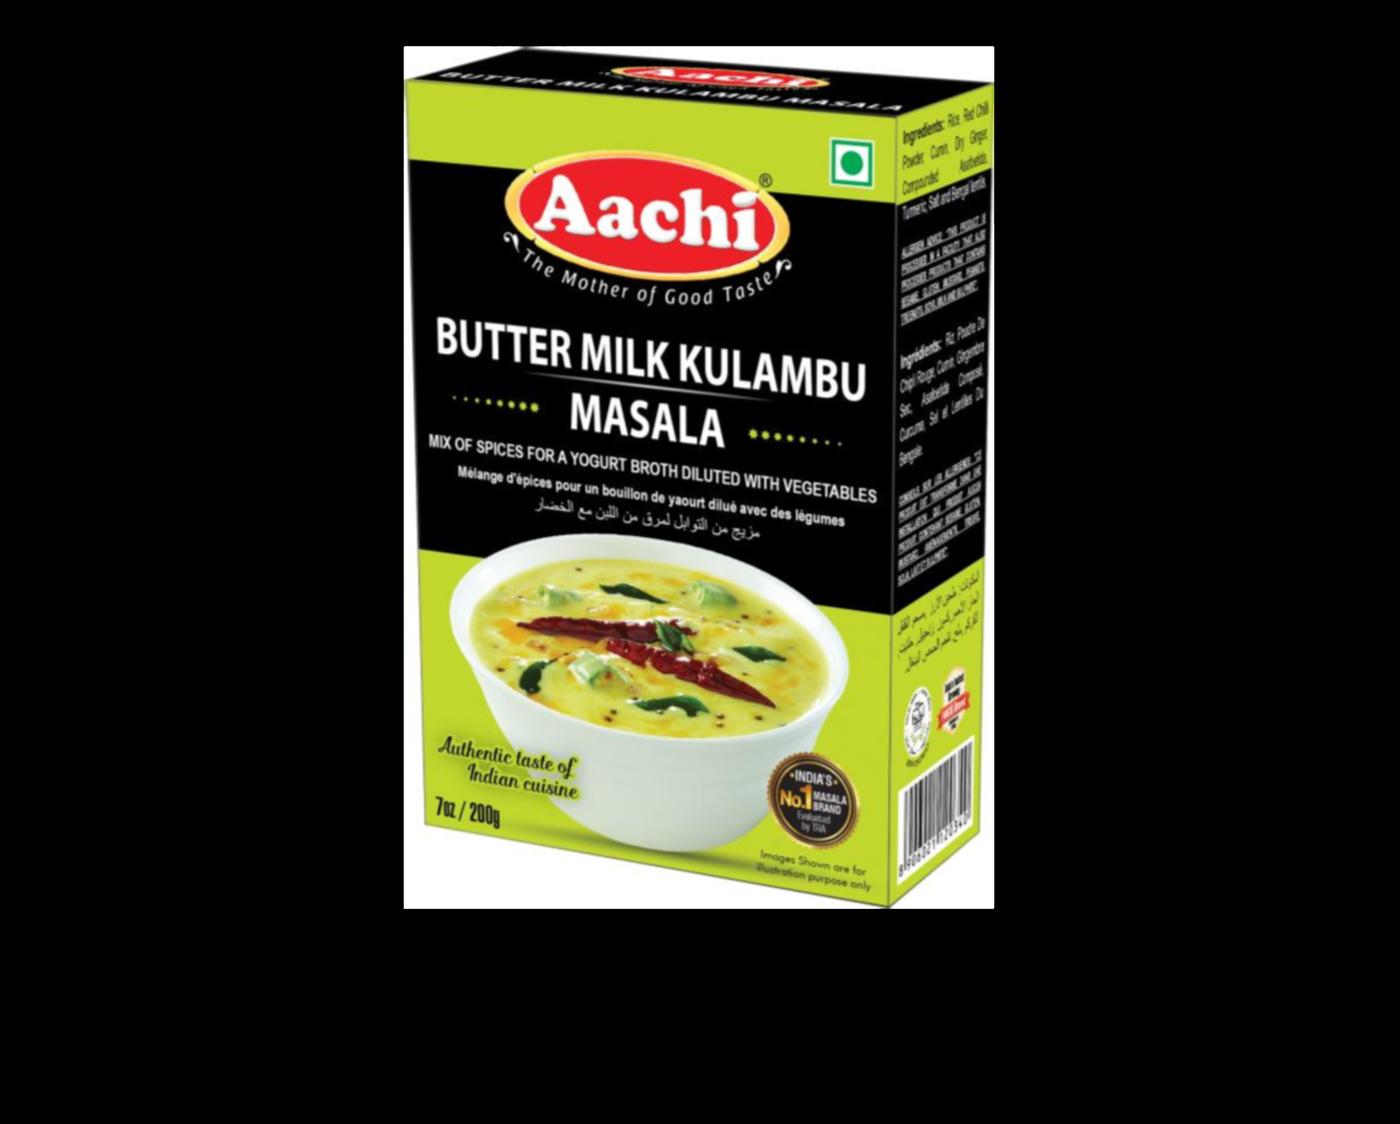 Aachi Butter Milk Kulambu Masala